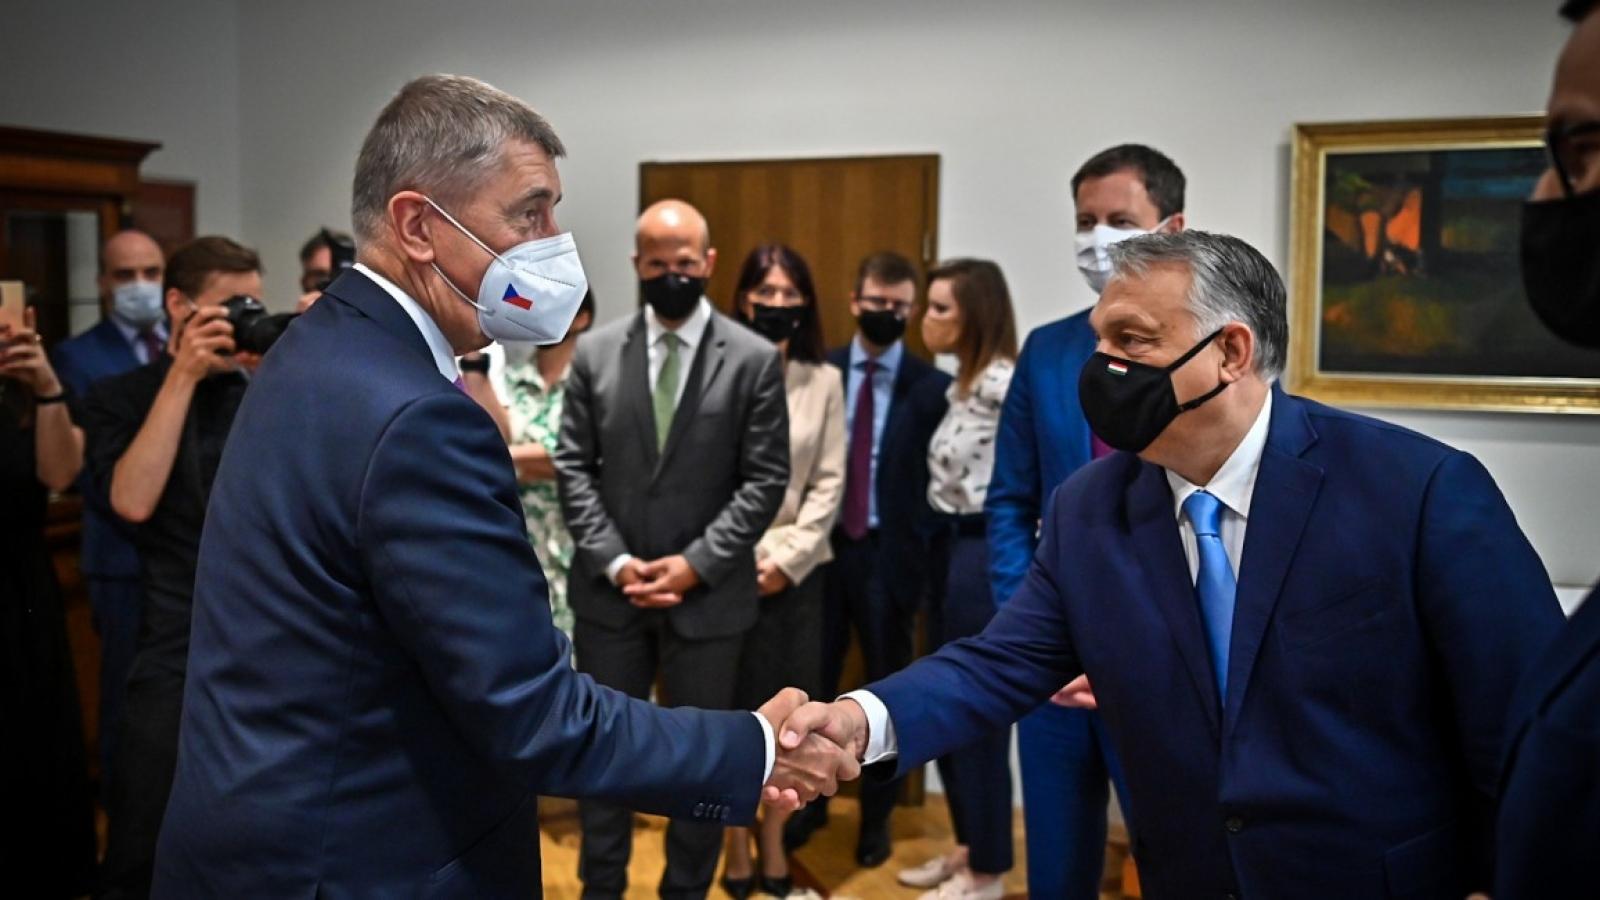 Séc đề nghị Hungary cho vay 200.000 liều vaccine ngừa Covid-19